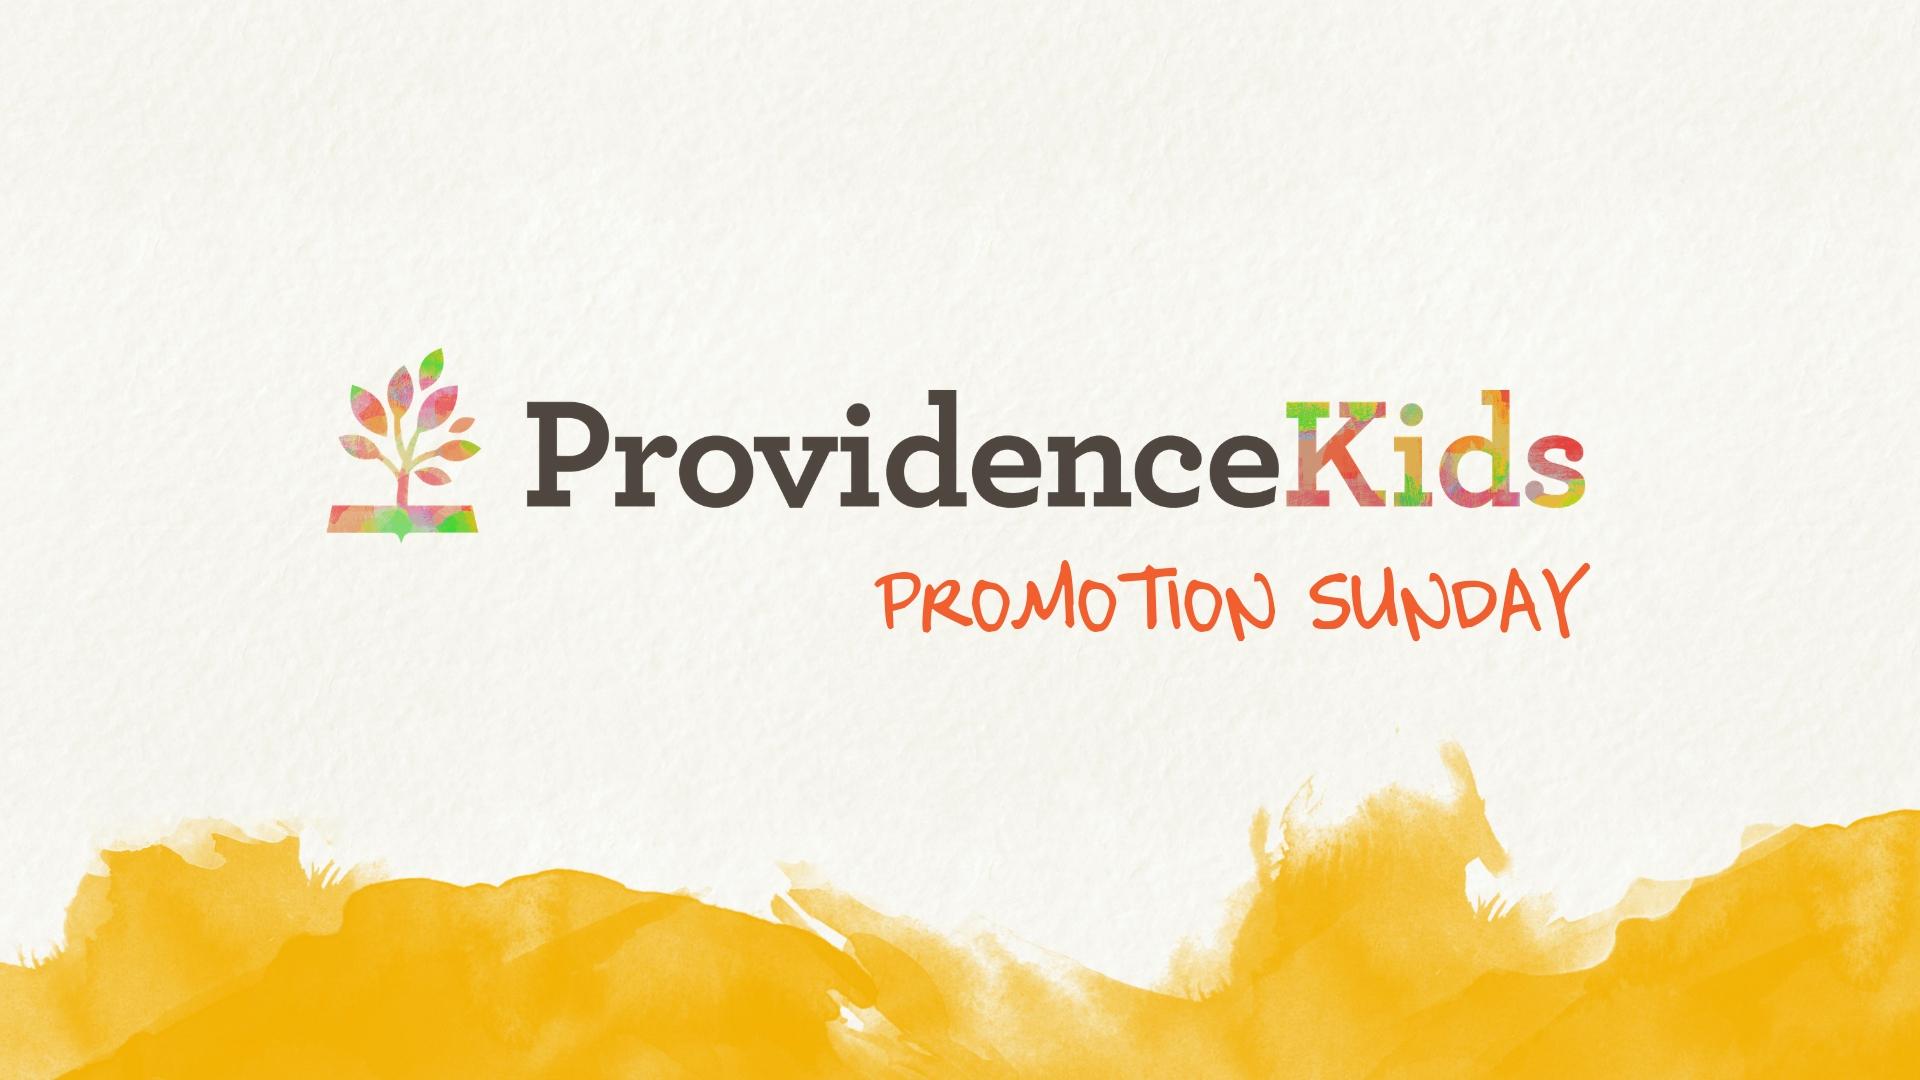 Promotion Sunday image